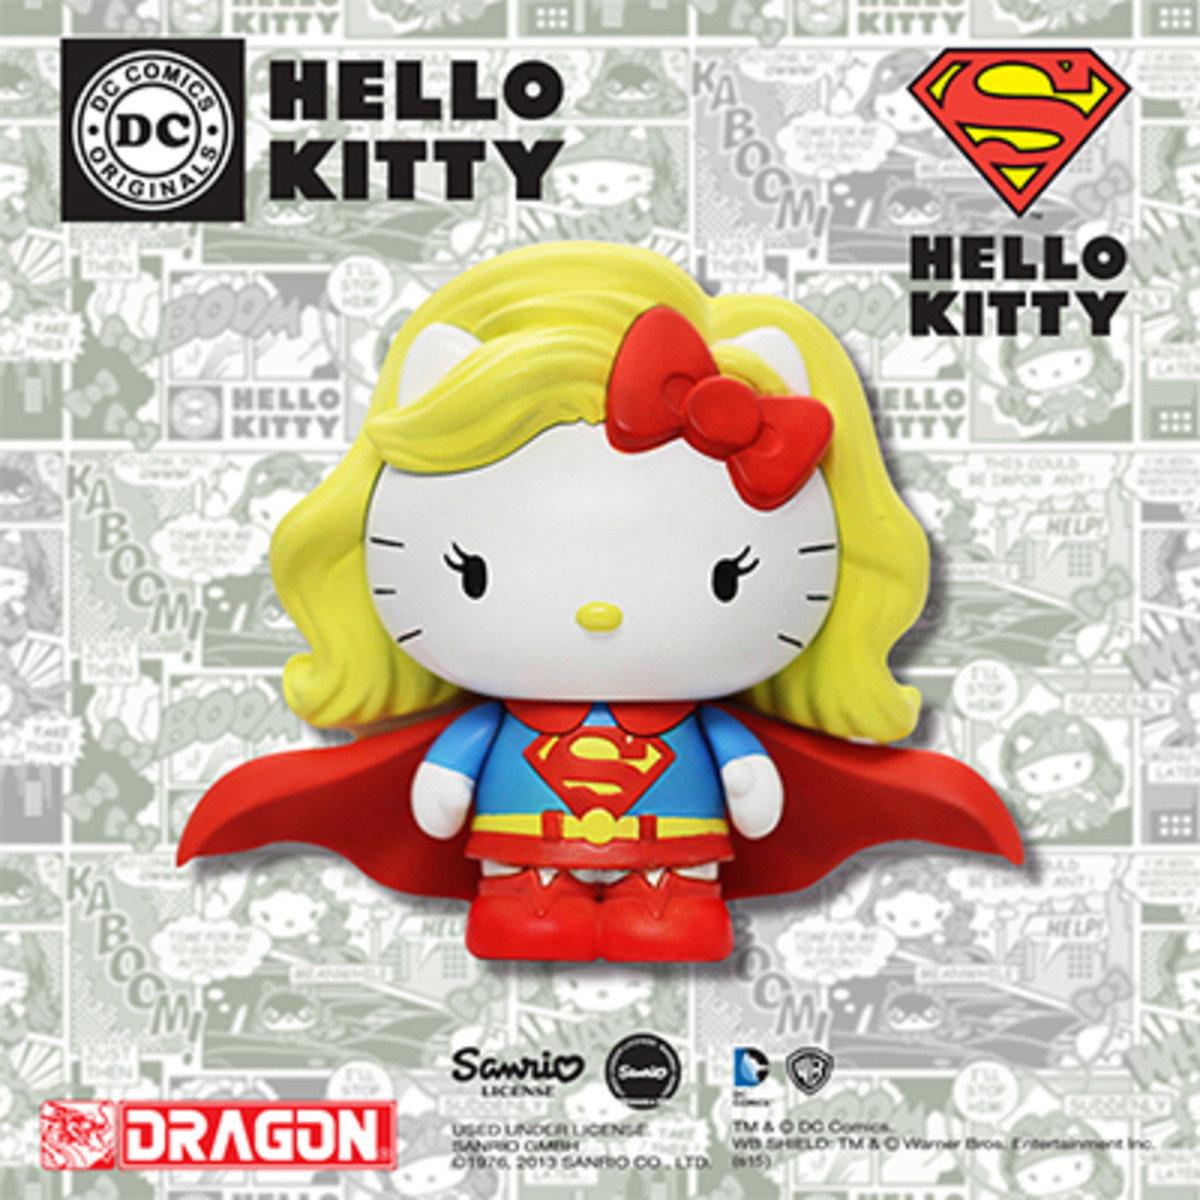 Hello Kitty x DC Comics系列 - 女超人